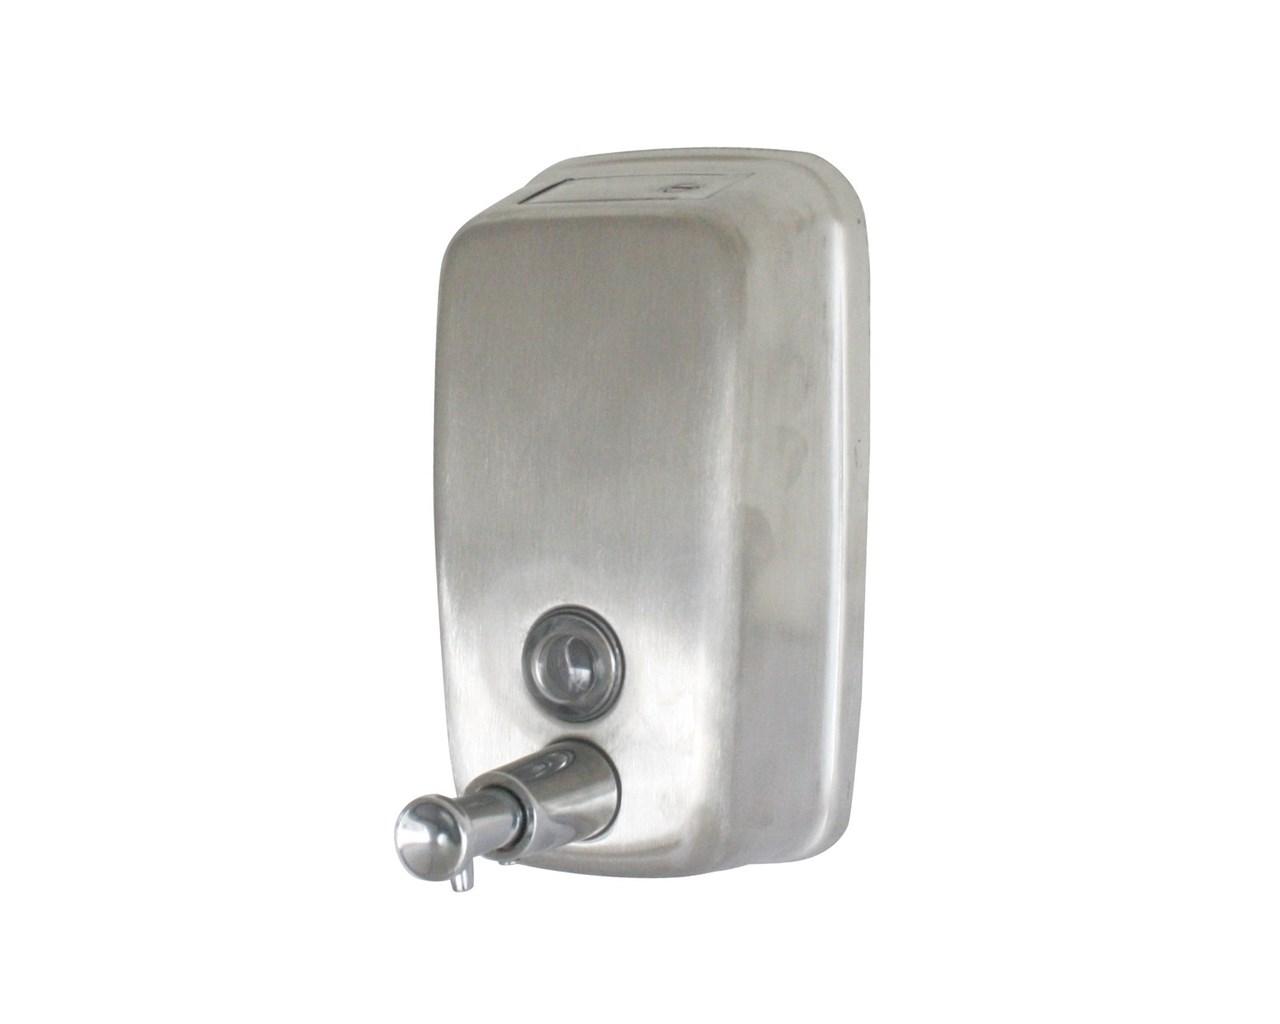 stainless steel soap dispenser (ml bulk fill)  u group  - stainless steel soap dispenser (ml bulk fill)